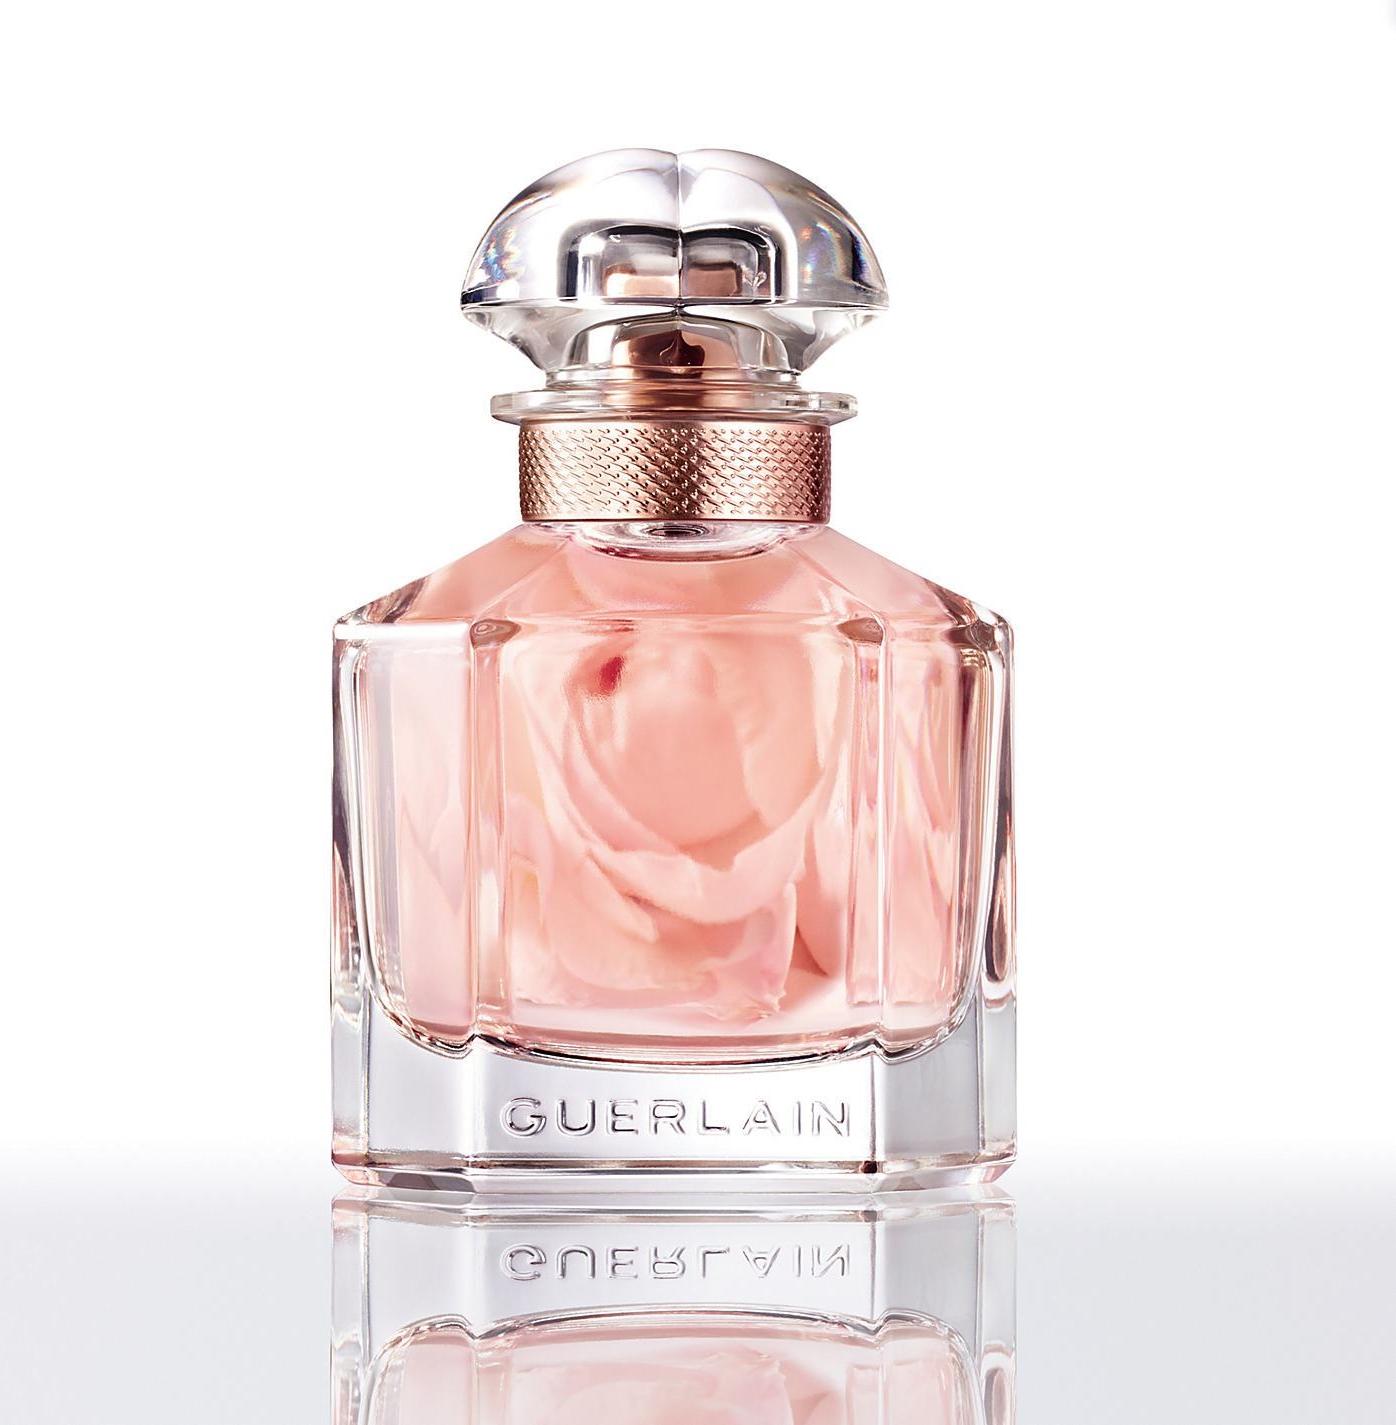 De Florale T1fkj3lc Mon Eau Parfum Guerlain sBtdCrxhQ